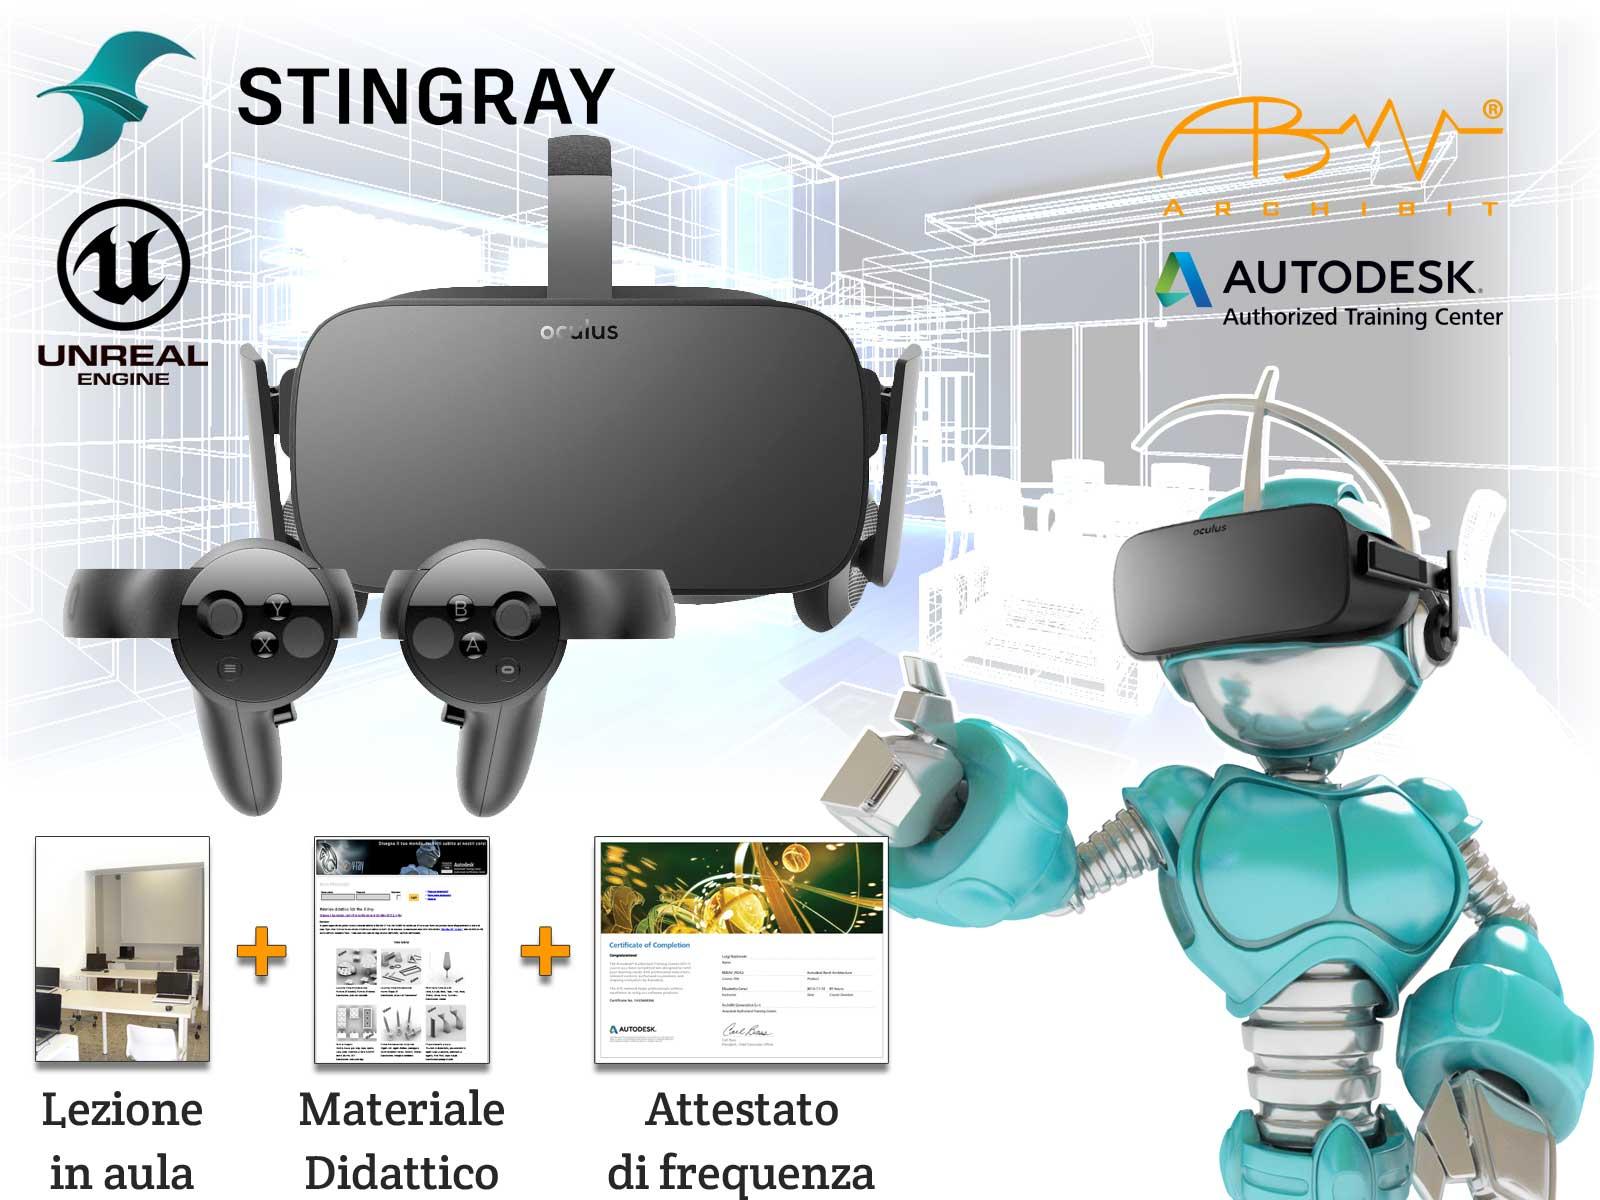 Corso realtà virtuale architettonica VR360 da Revit a Unreal Engine e Stingray - Archibit Generation centro corsi vr 360 Autodesk Roma